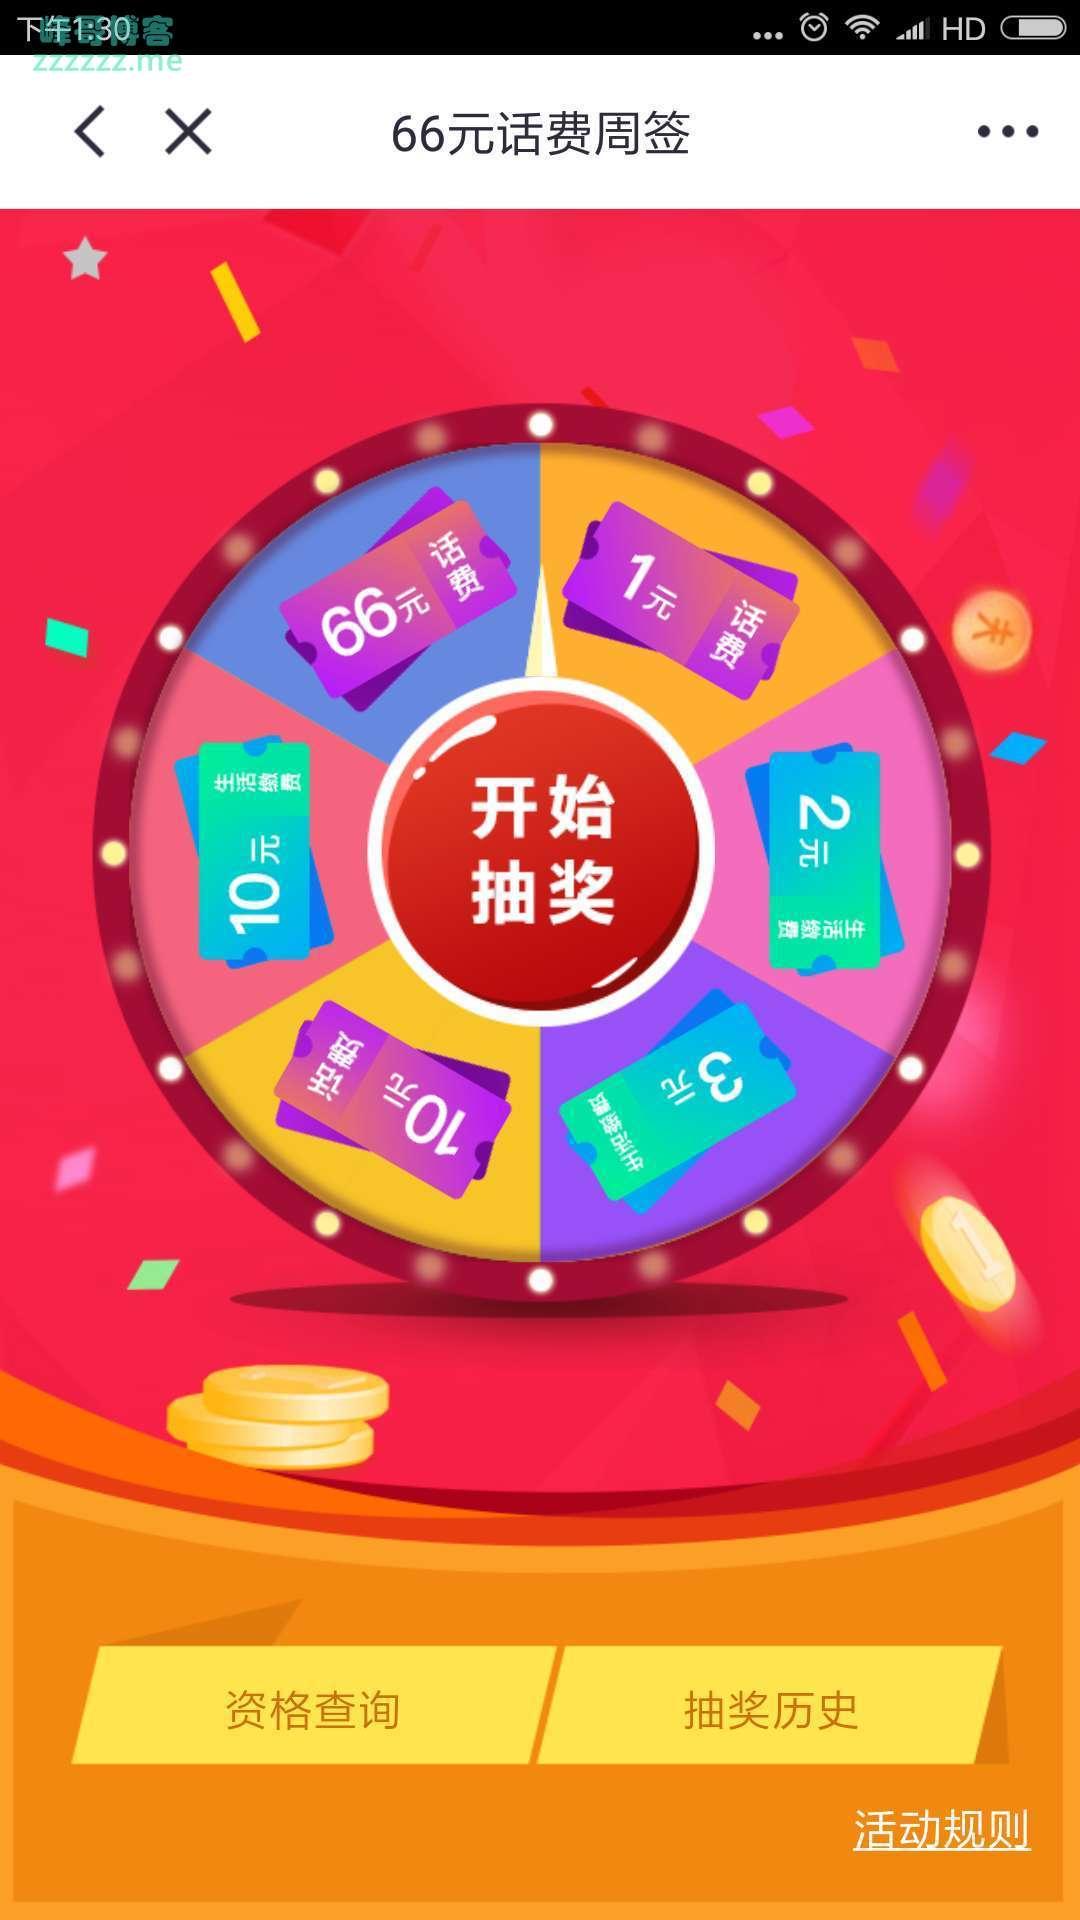 <掌上生活>66元话费周签(截止3月31日)